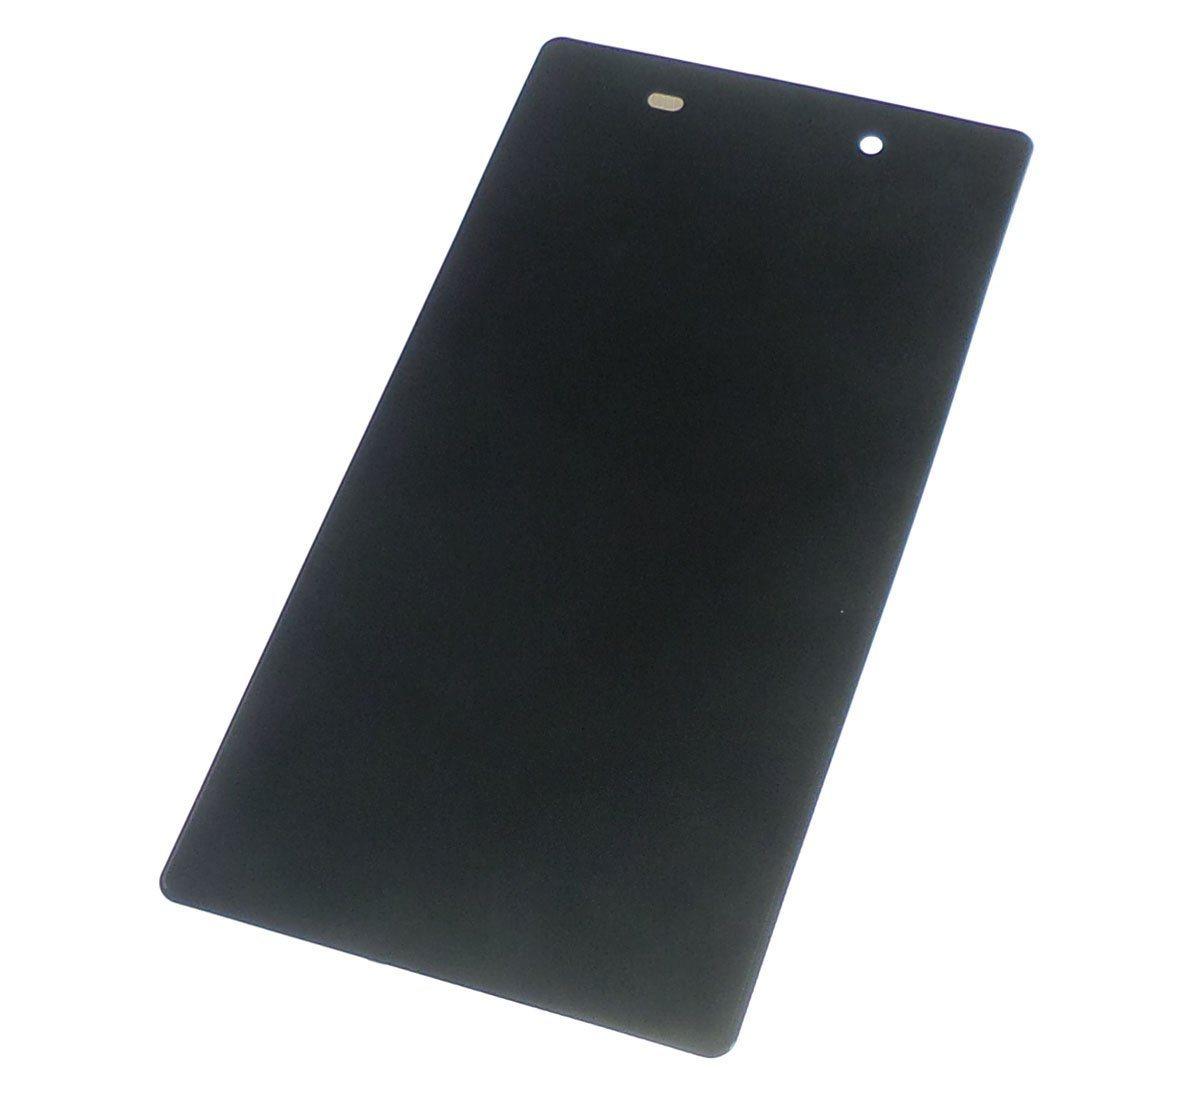 Ecran Lcd et vitre tactile assemblés sur châssis noir Sony Xperia Z1 L39h